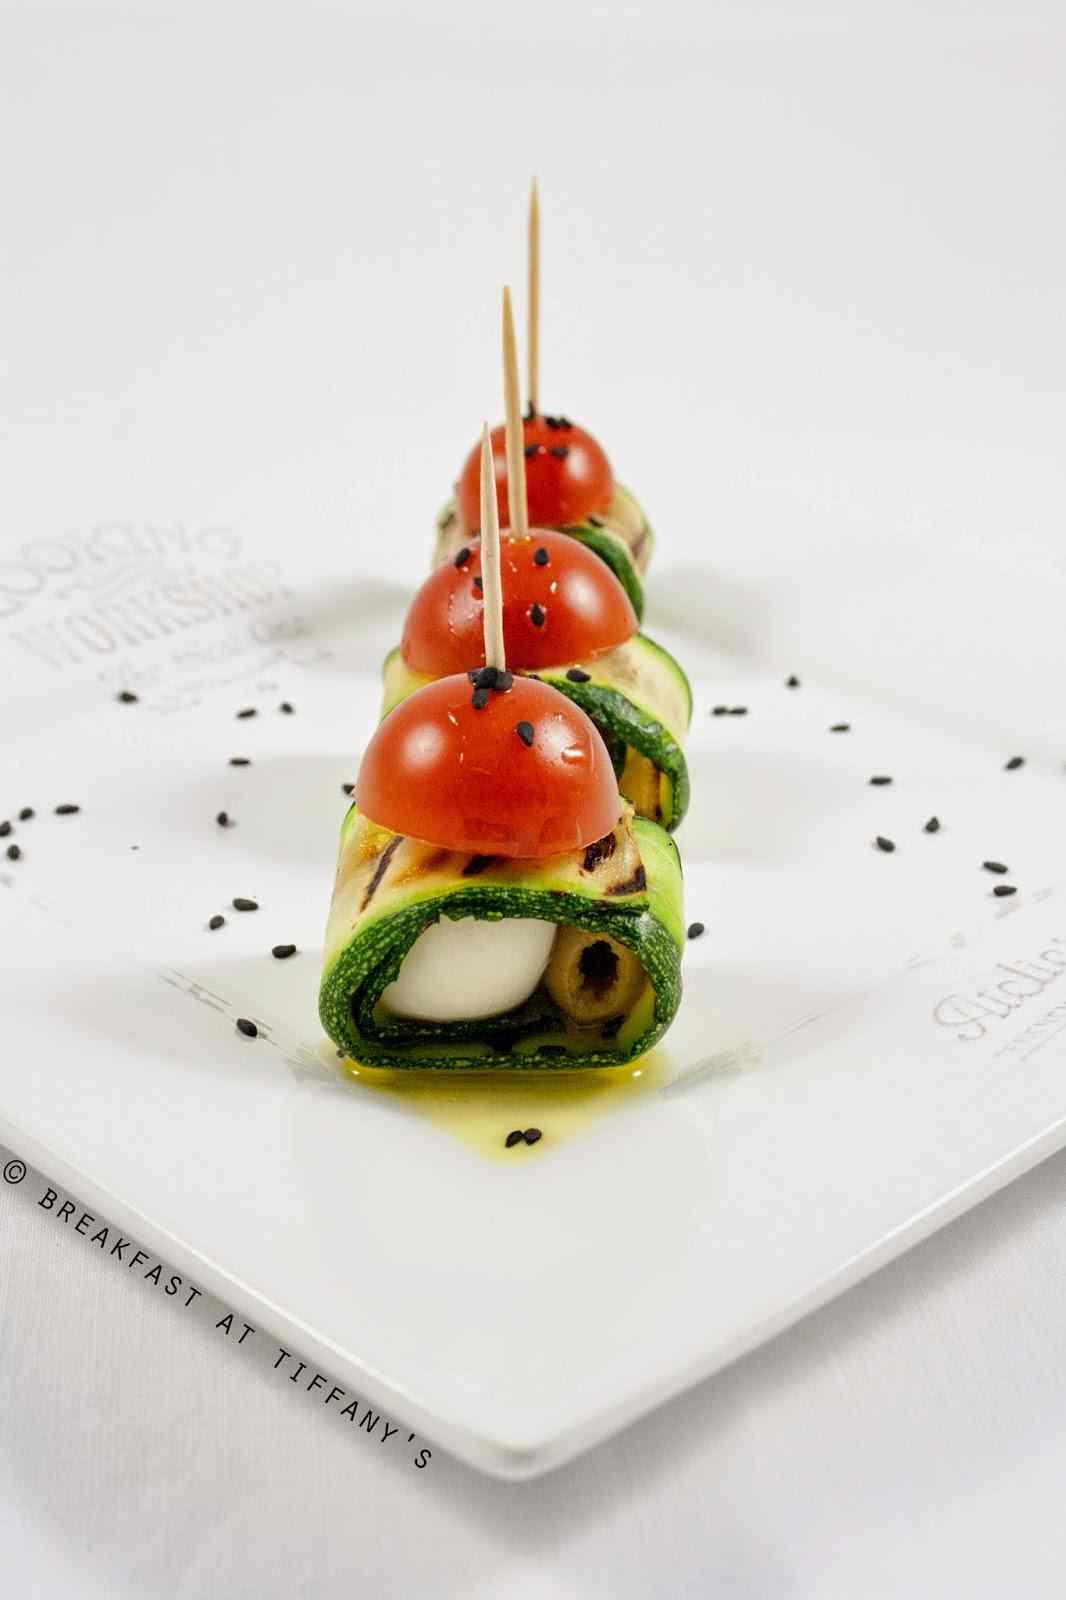 Ricetta: Involtini di zucchine, pomodorini e mozzarelline  / mini rolls with zucchini, cherry tomatoes and cherry mozzarella